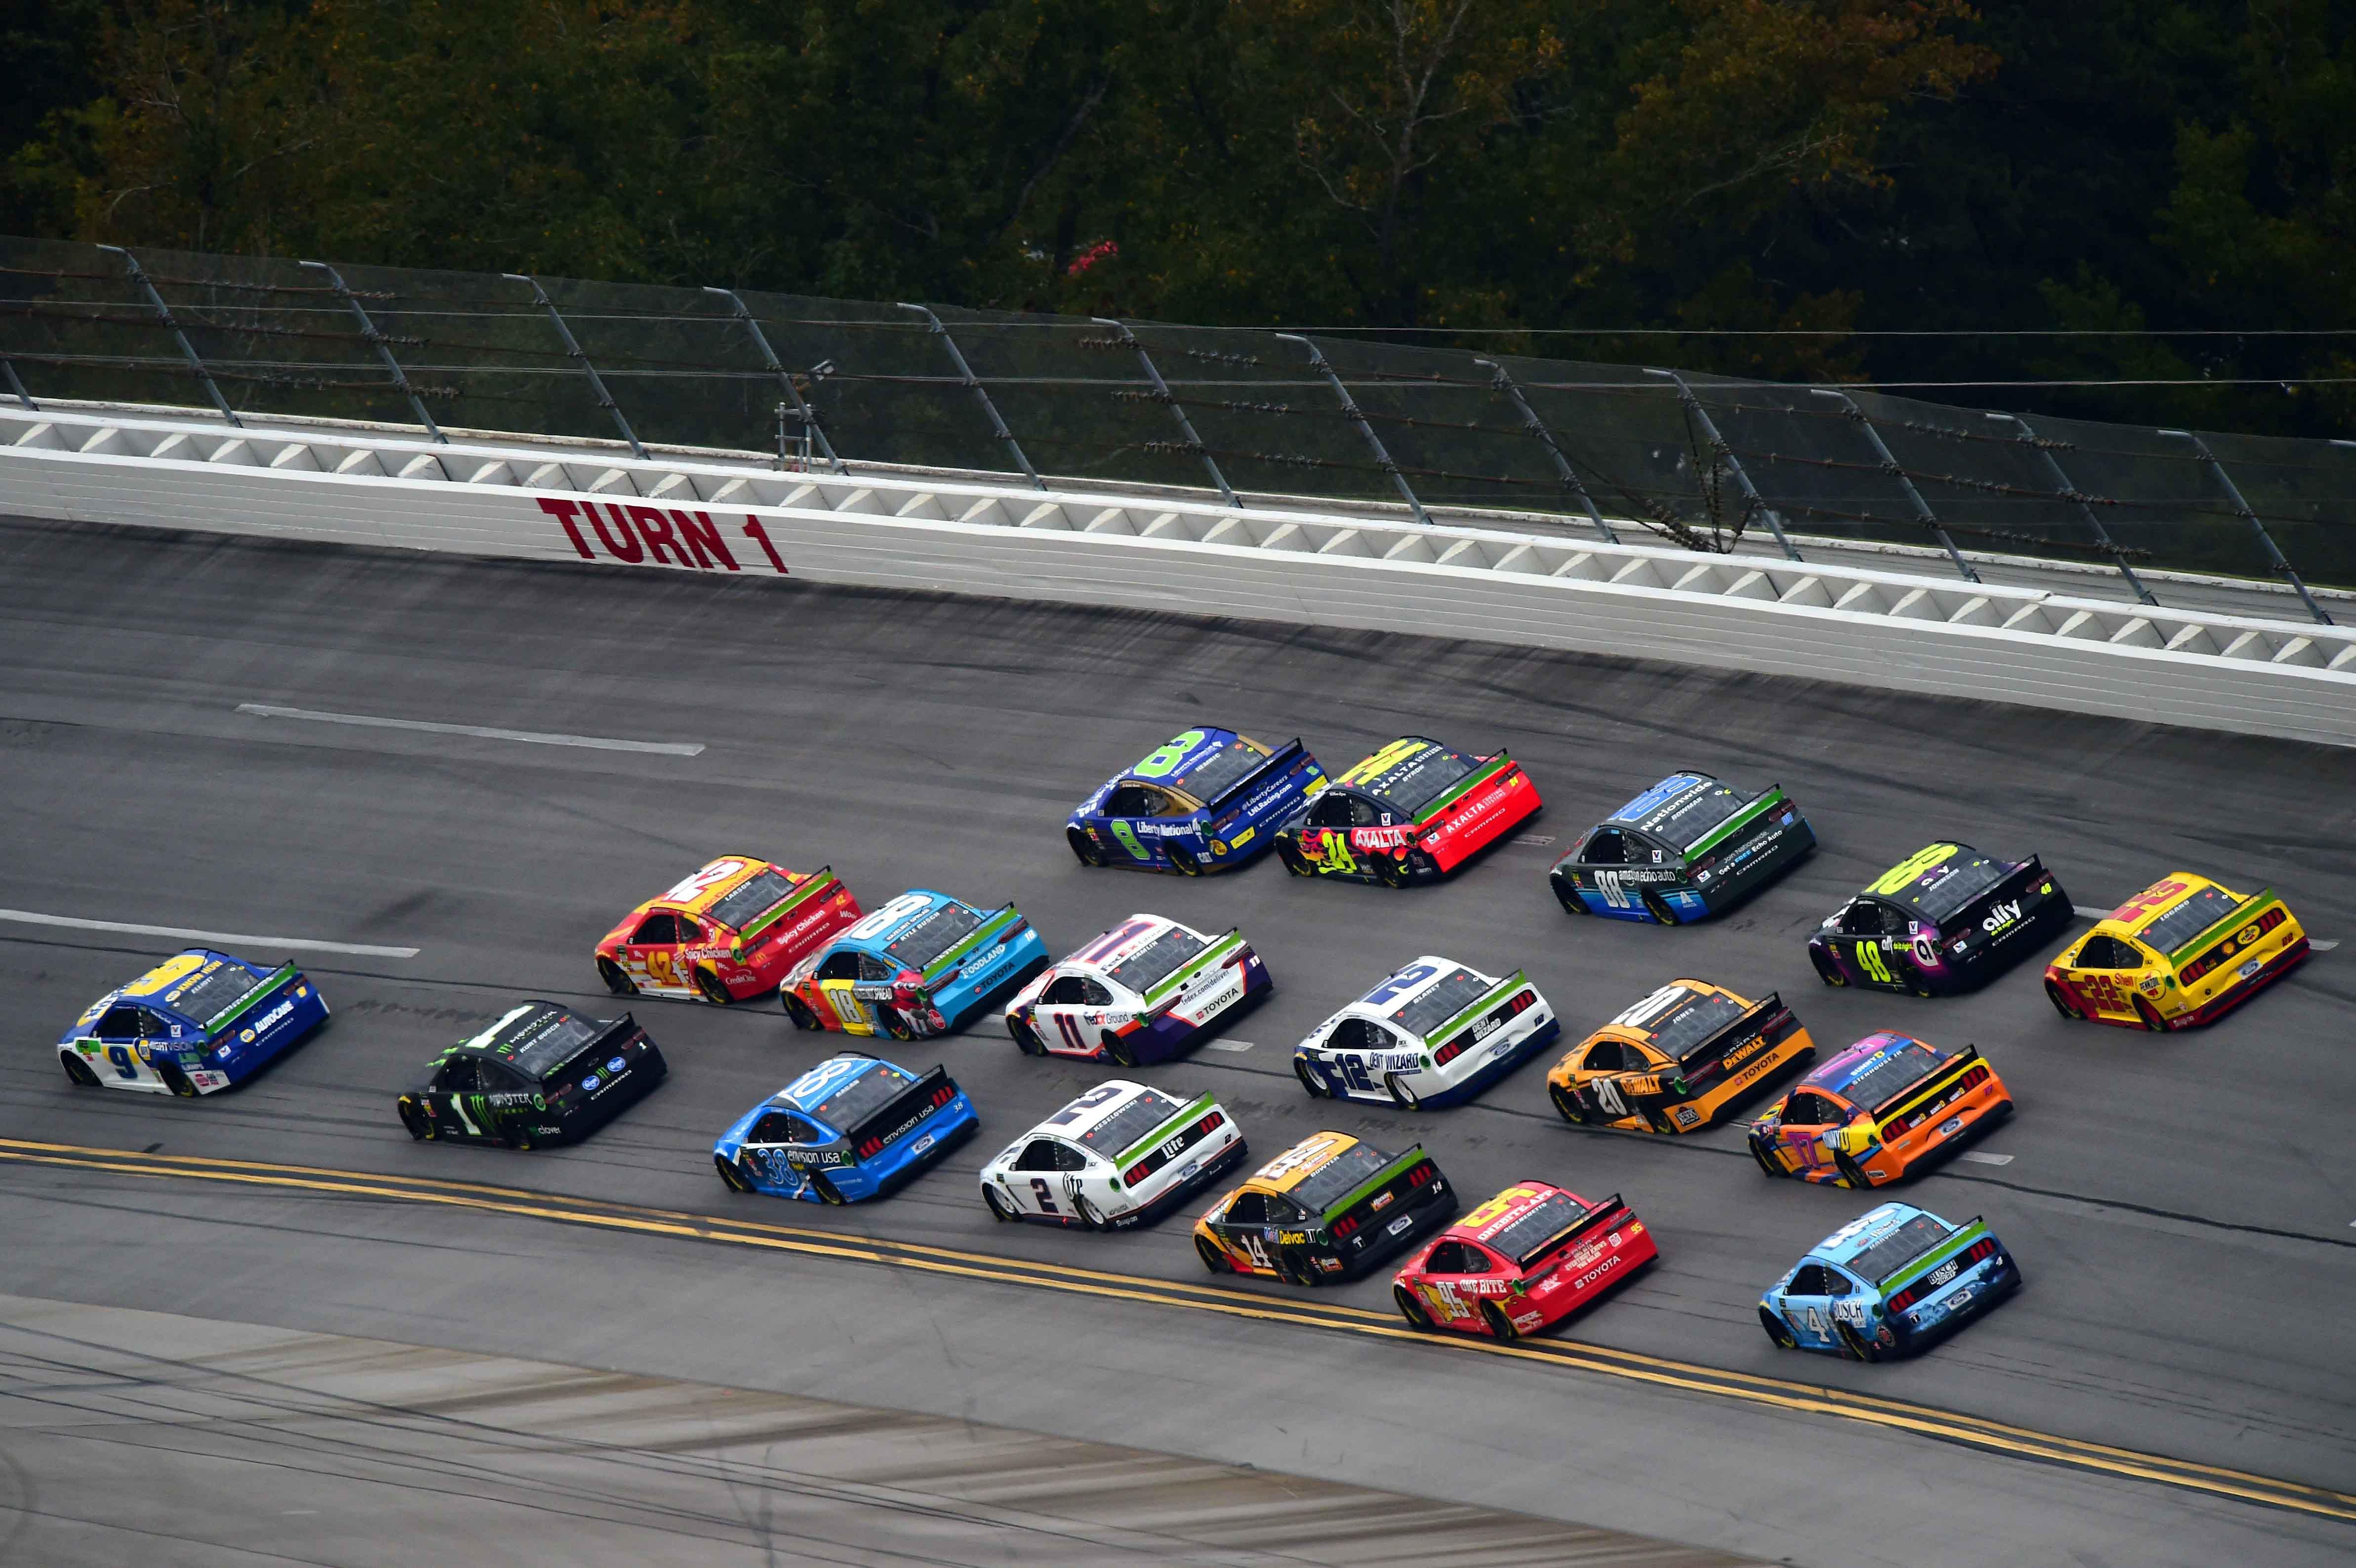 2020 NASCAR driver/team changes